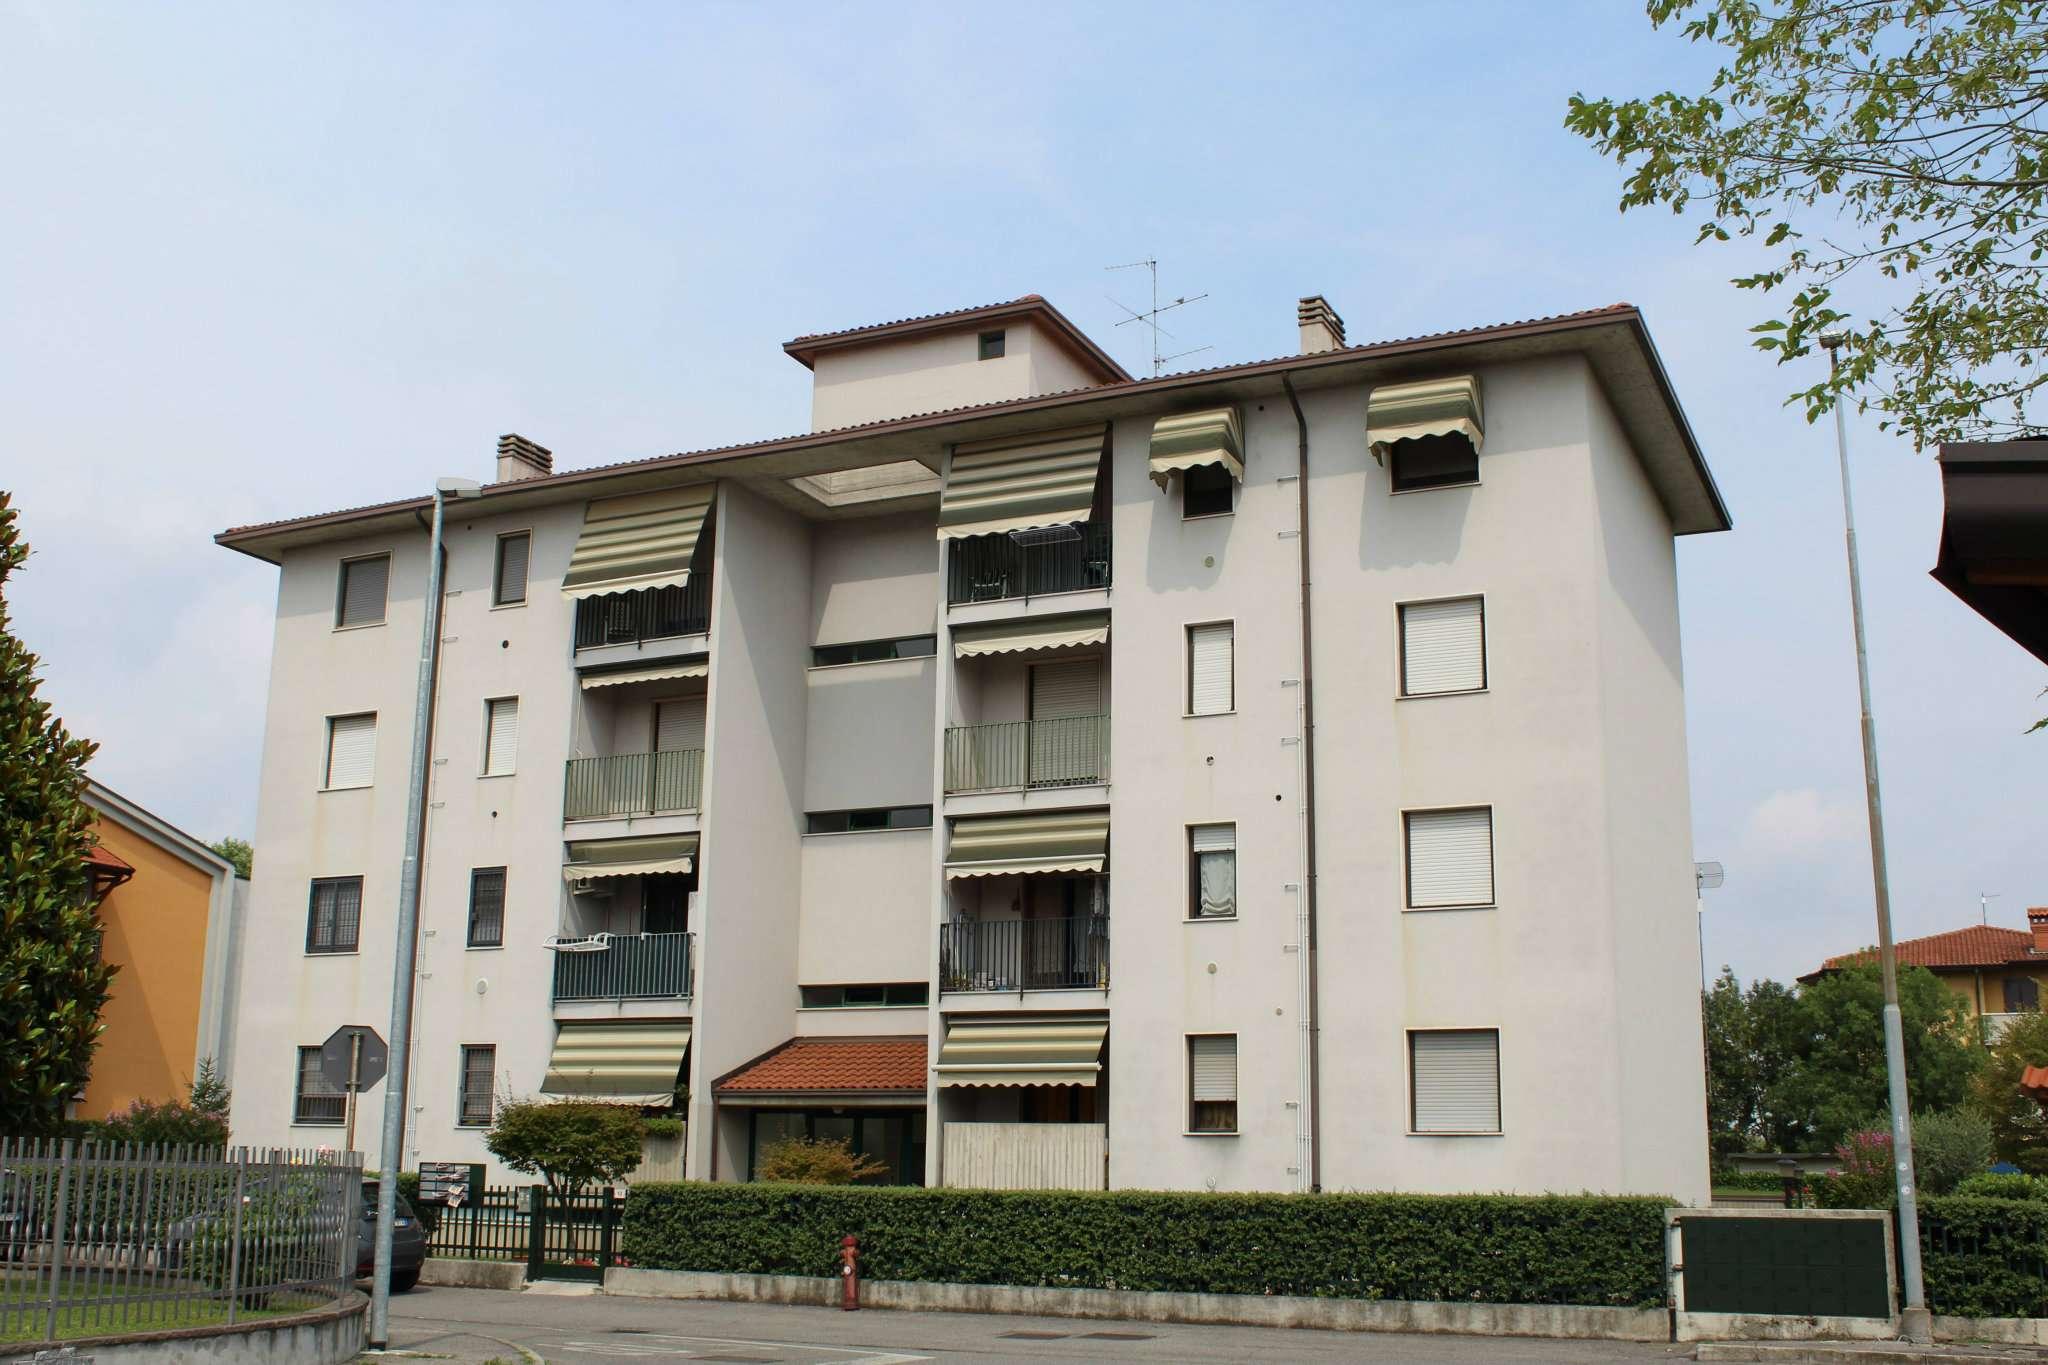 Appartamento in vendita a Ciserano, 3 locali, prezzo € 76.000 | CambioCasa.it